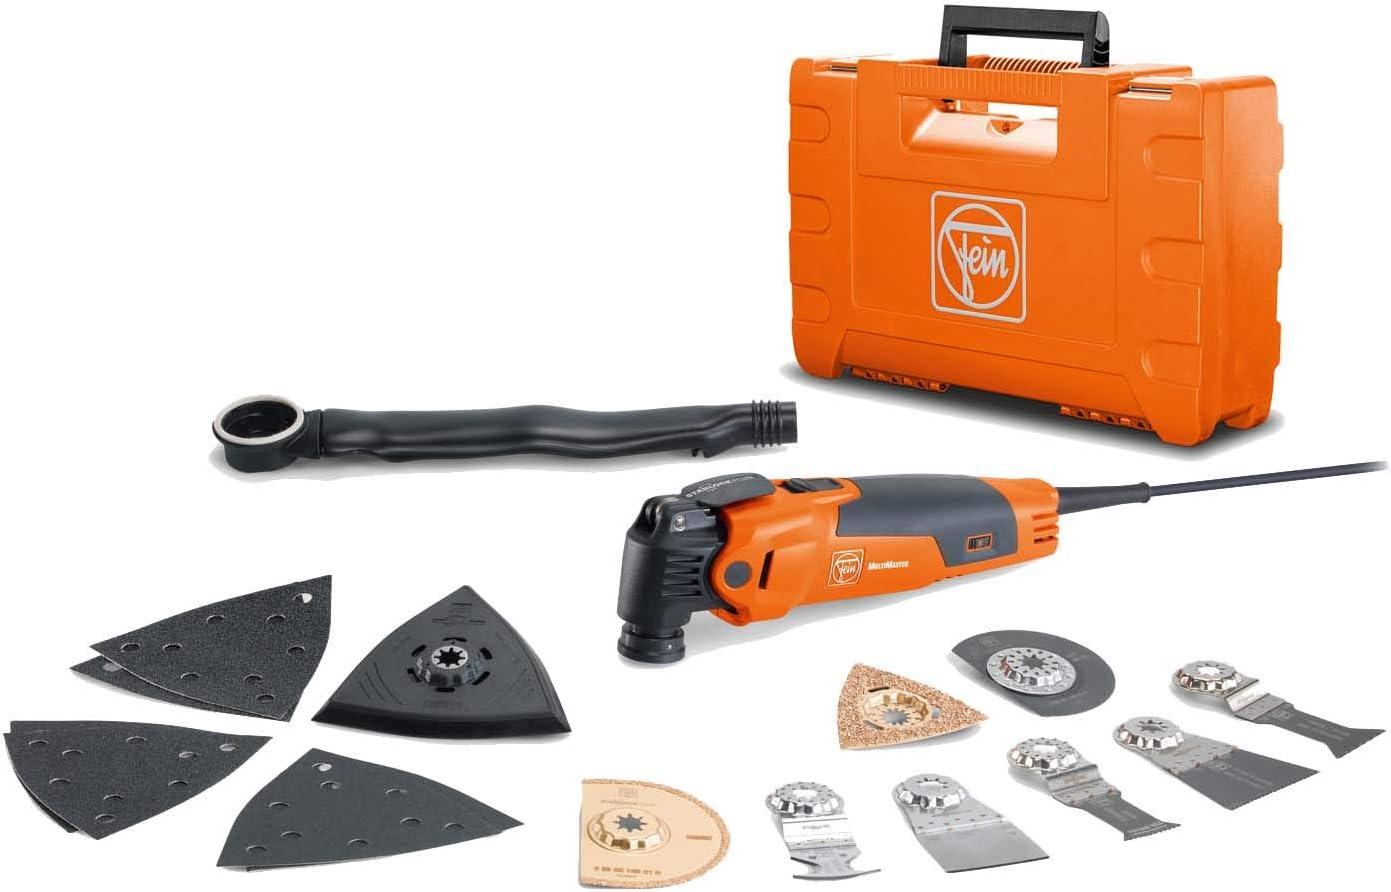 StarLock Plus Werkzeugaufnahme; spezielle Softgrip Zone; Vibrationsentkopplung Multitool Set; FMM 350 QSL XL mit QuickIn-Schnellspannsystem Fein 72295282000 MultiMaster XL Edition; Oszillierer